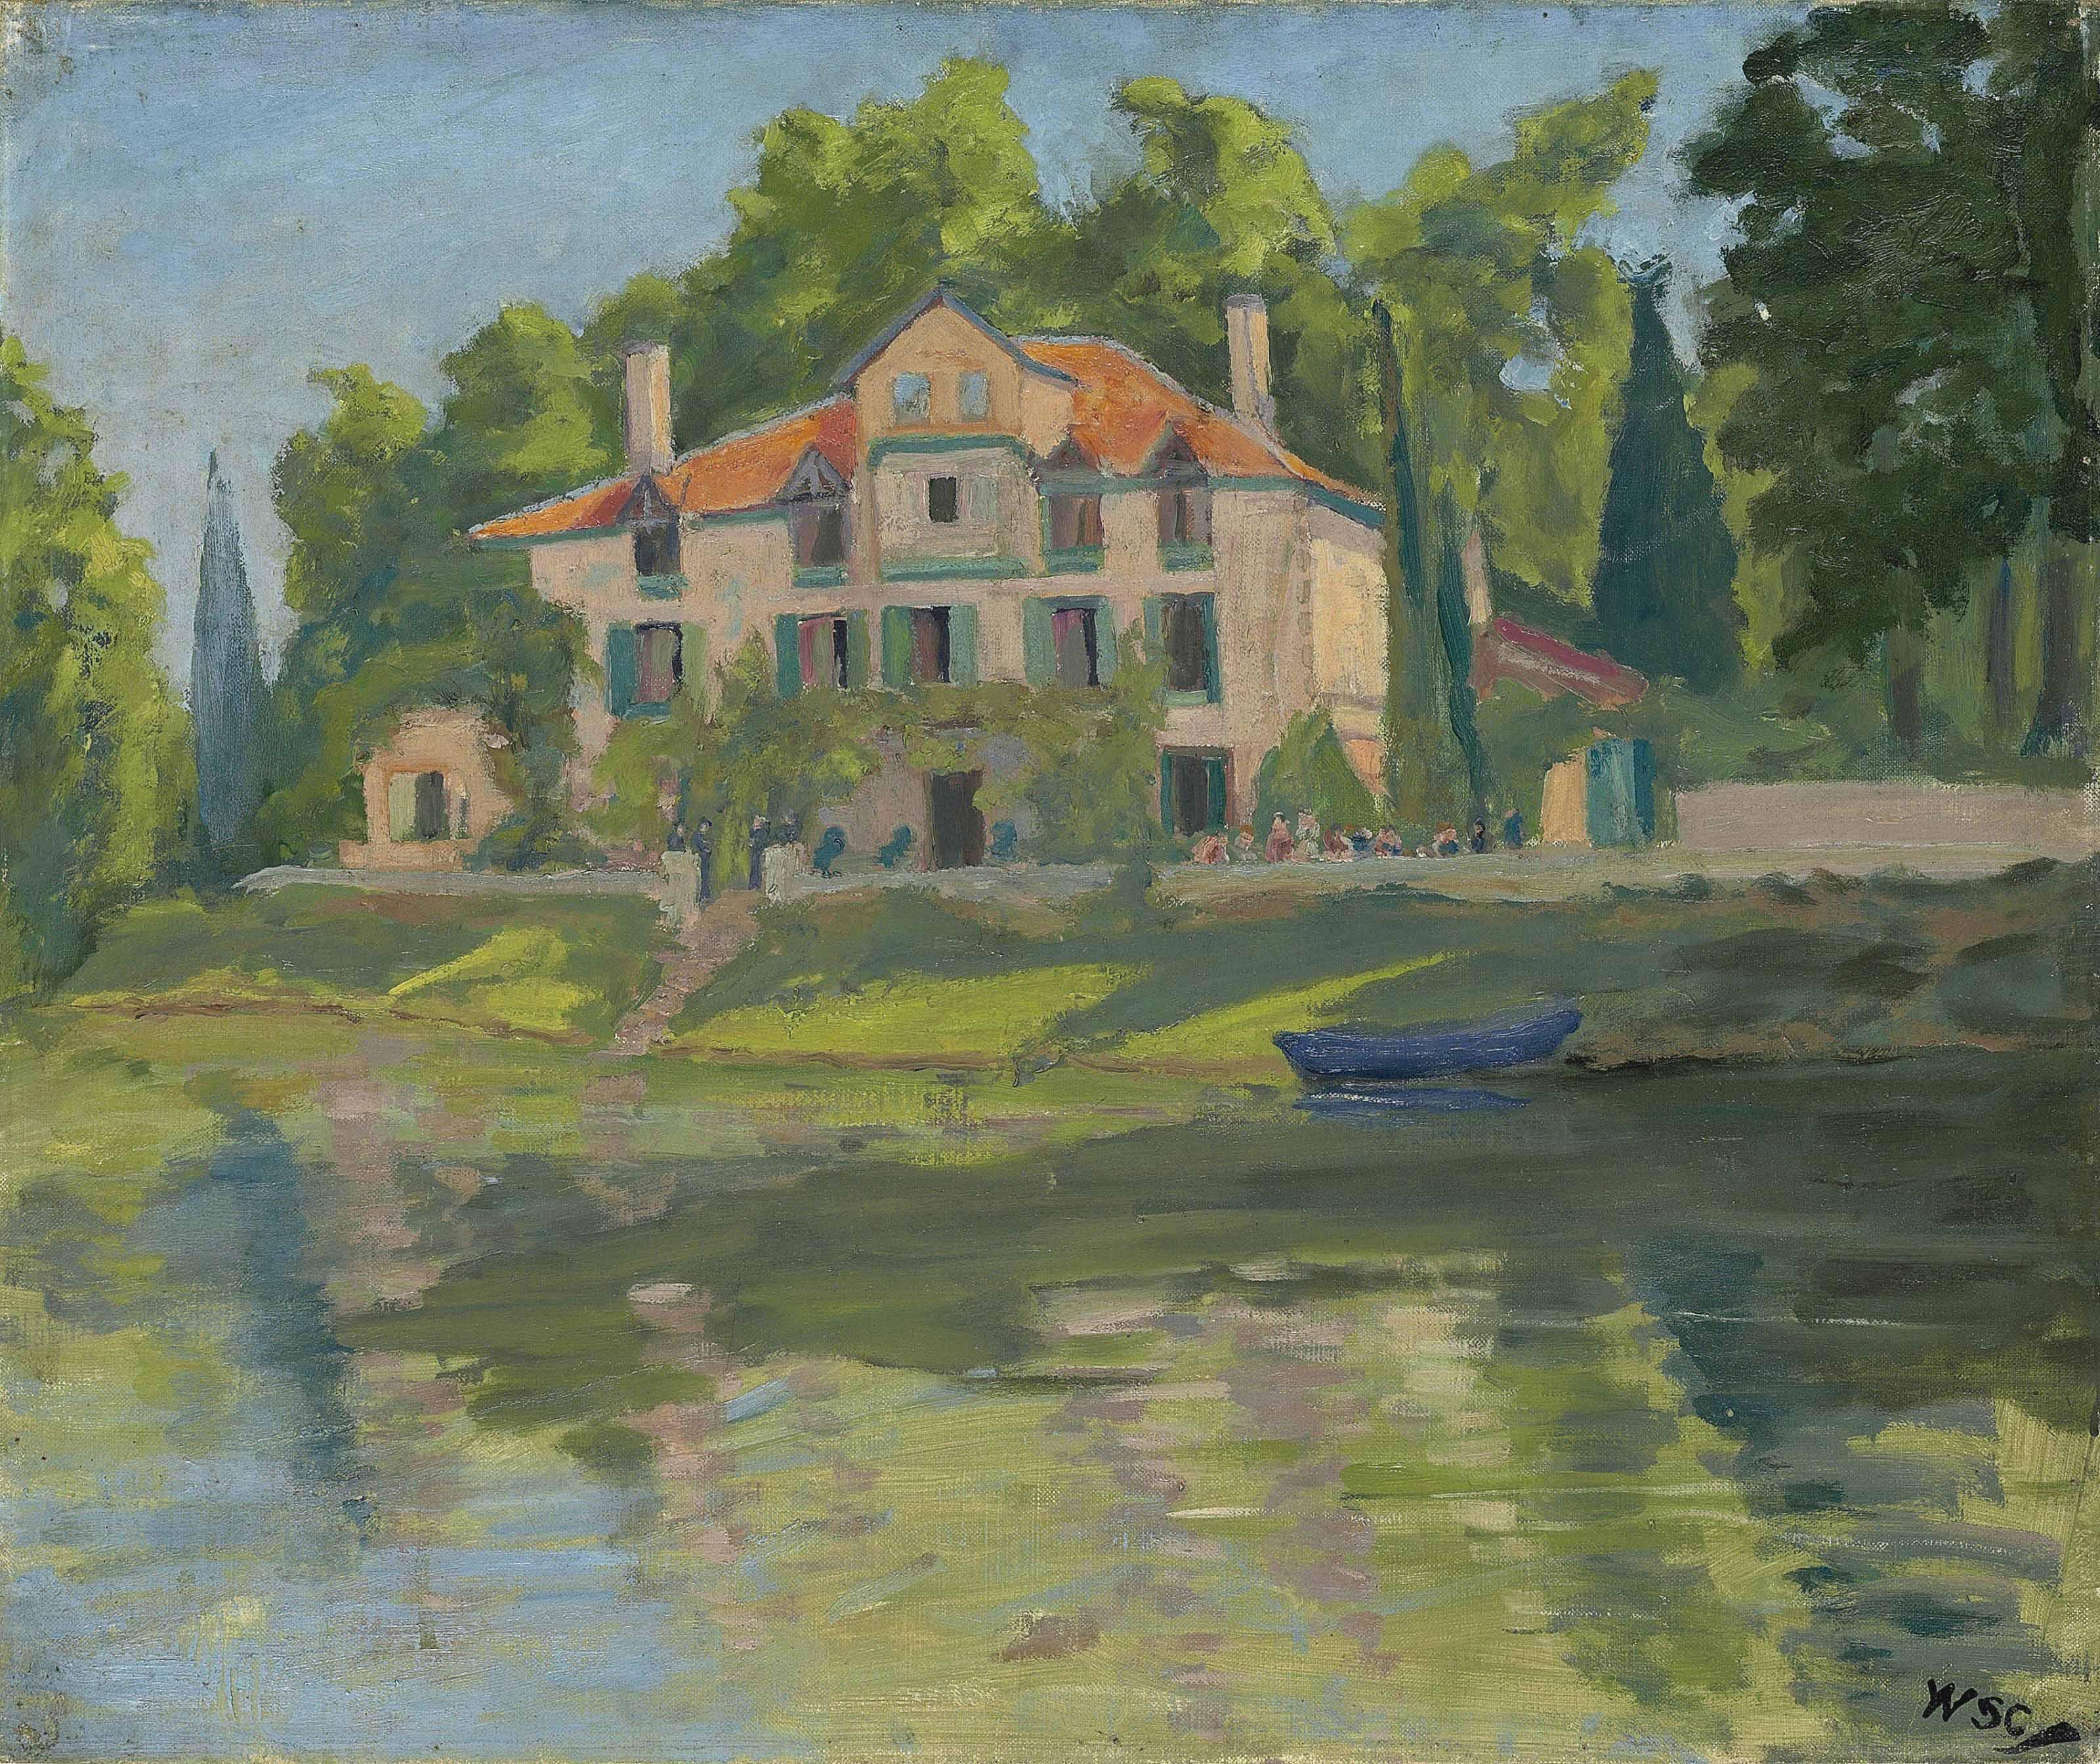 Audio: Sir Winston Churchill's Villa on the Nivelle